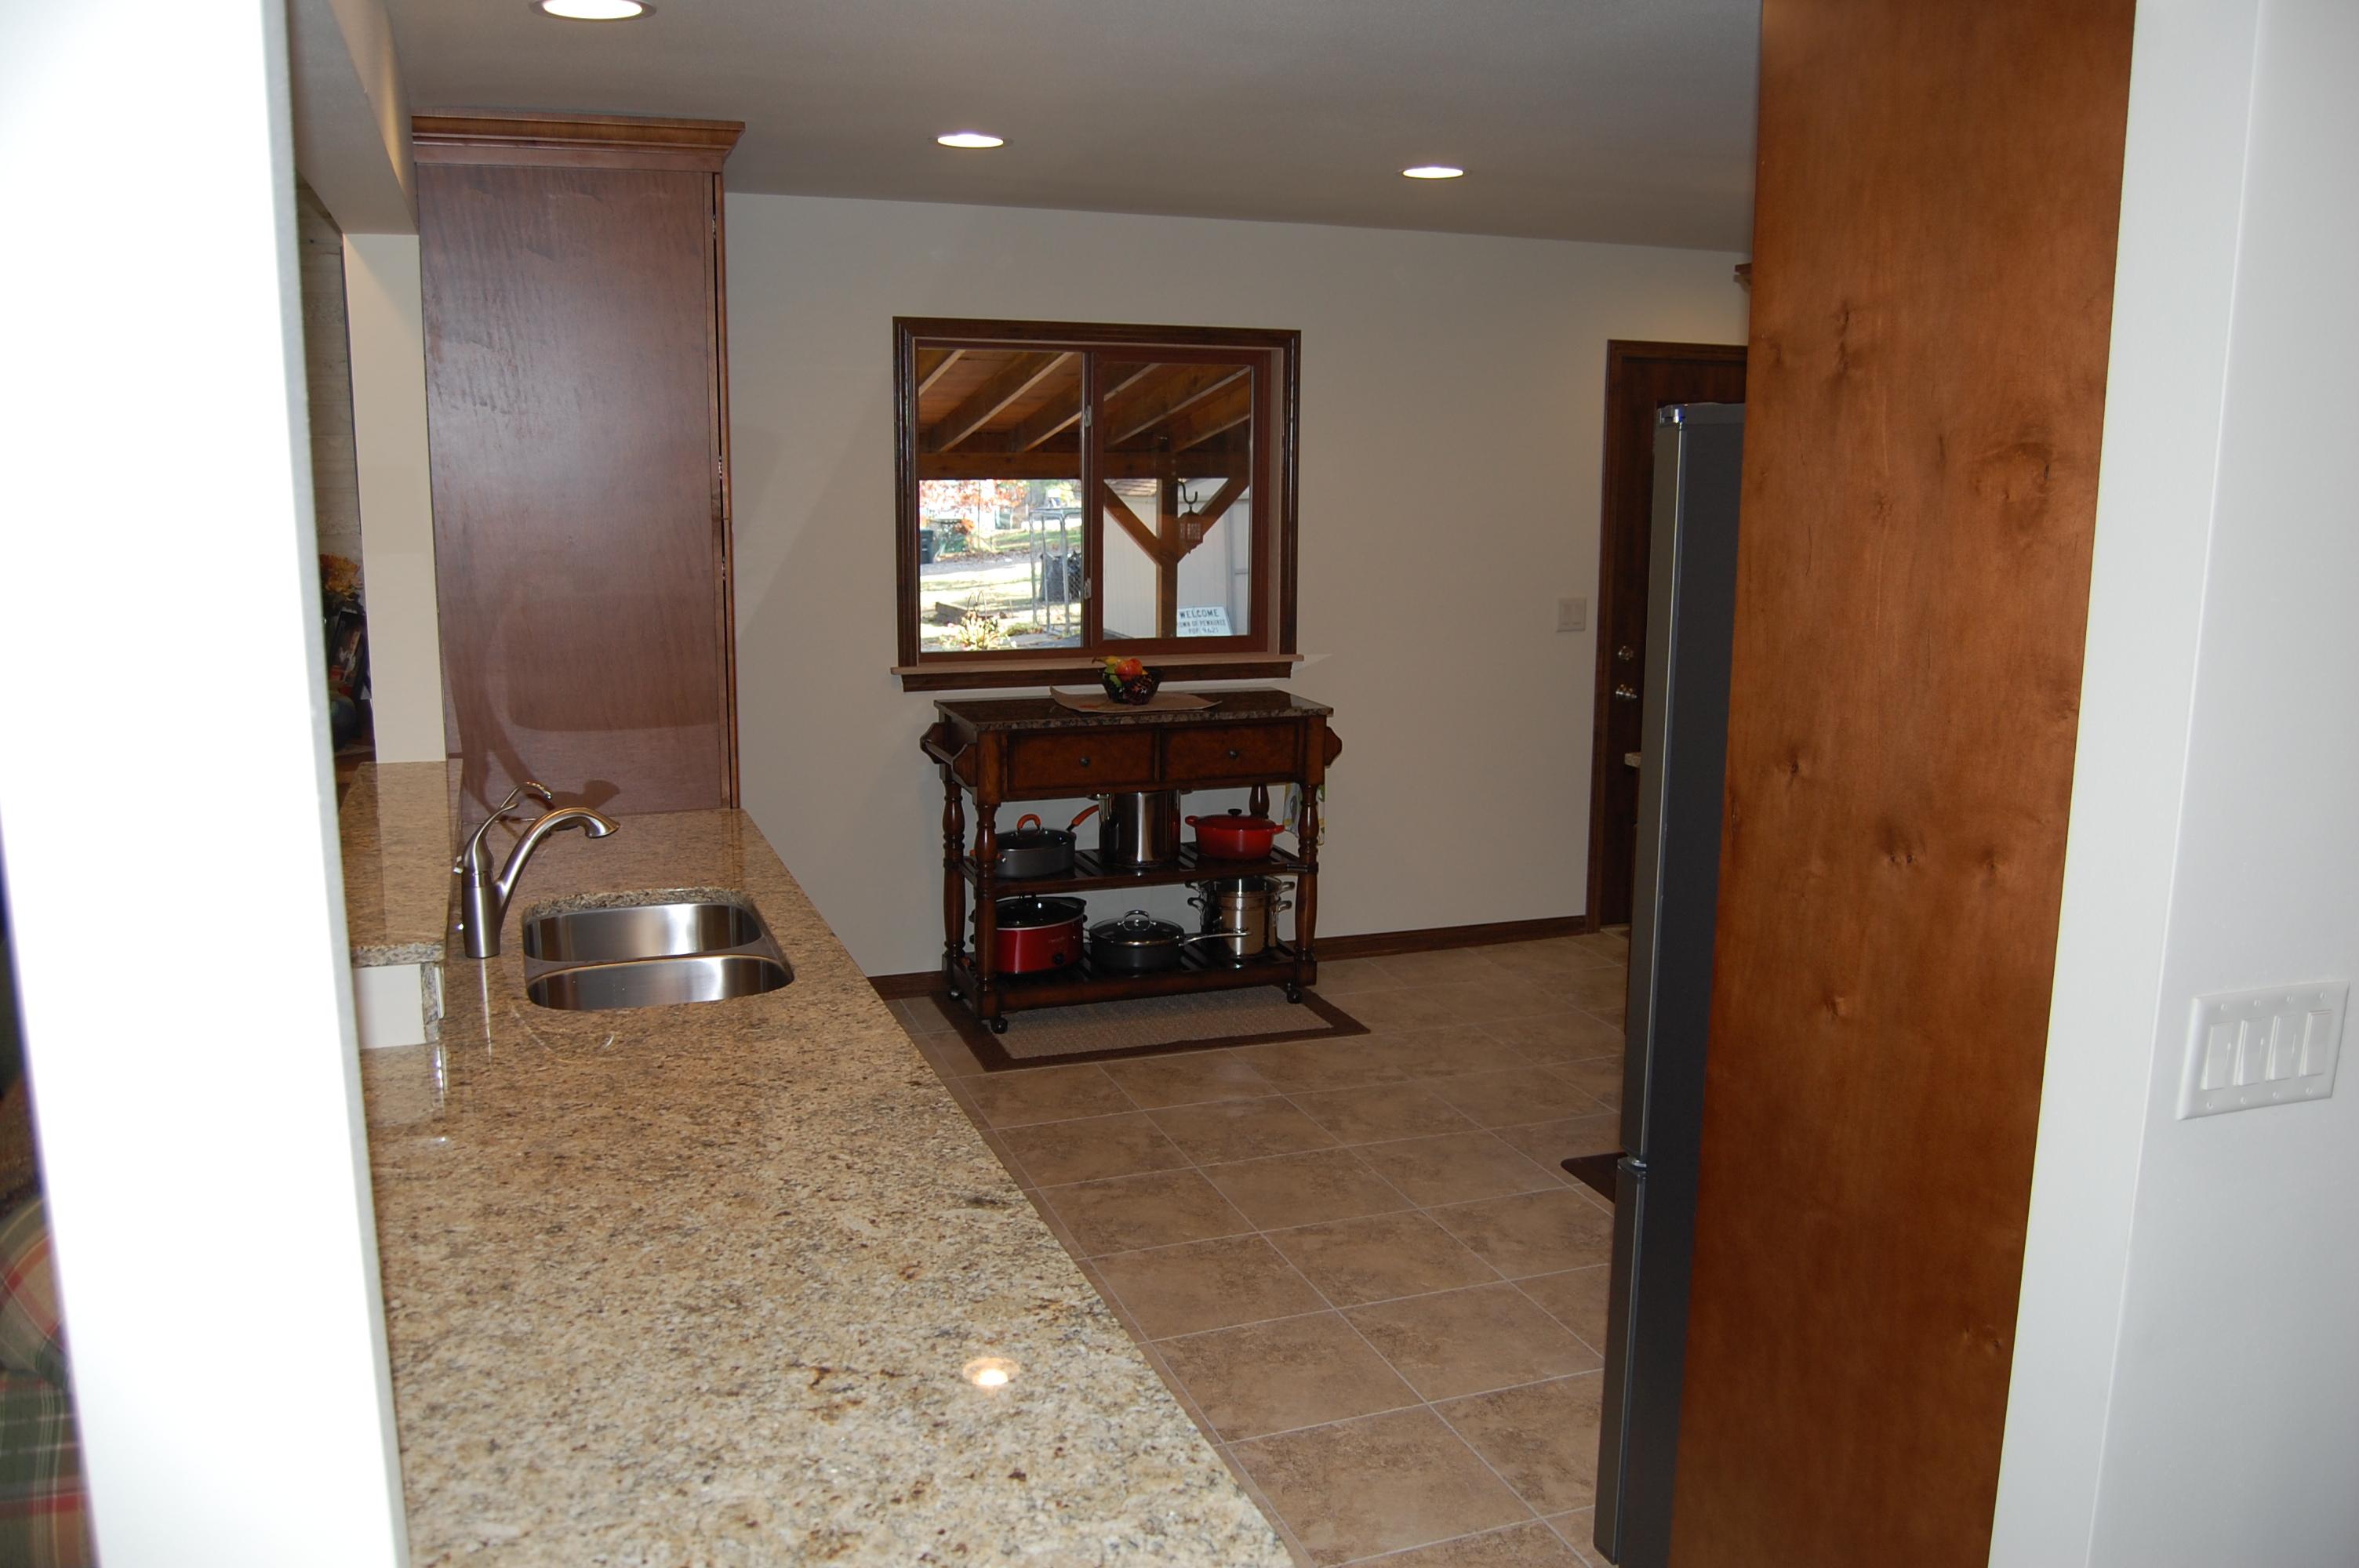 verges kitchen (8)